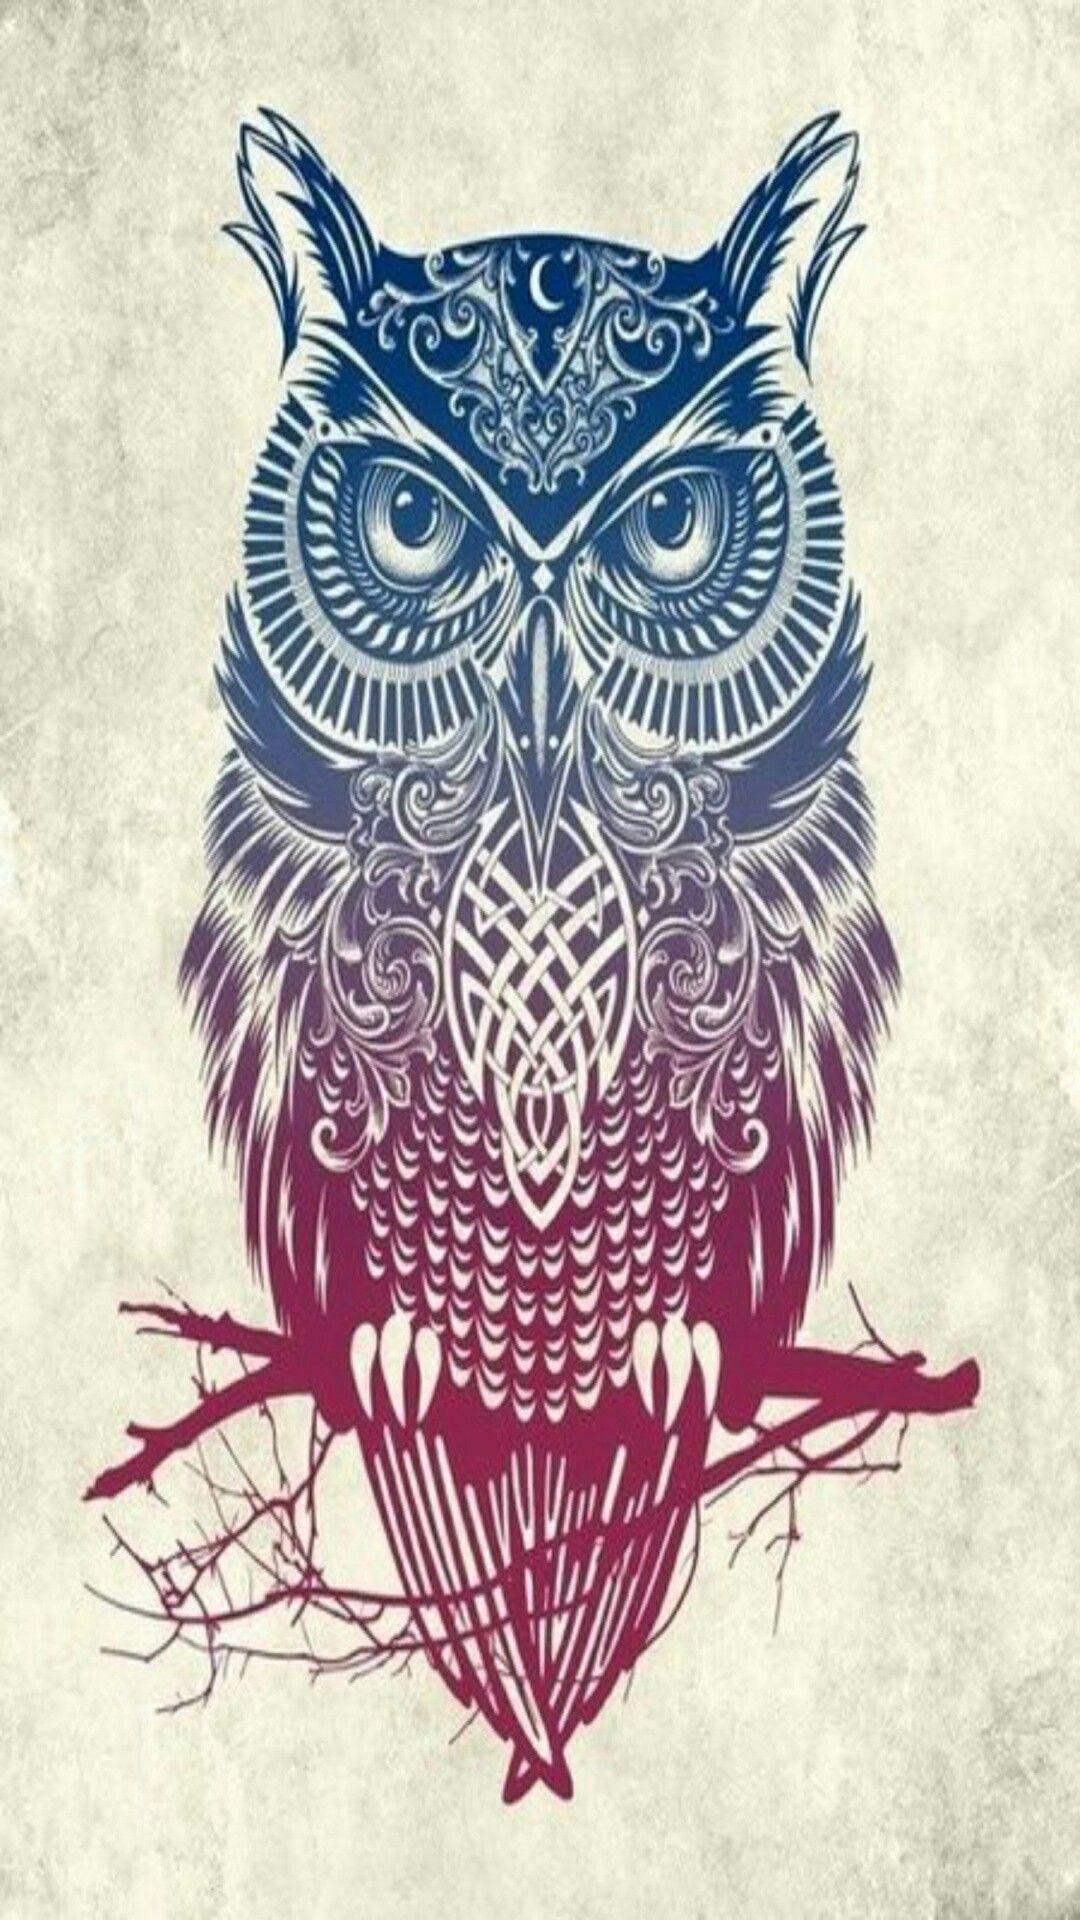 Amazing Wallpaper Home Screen Owl - e706ecd275f7c68c5f4558889e9da27c  Pictures_74169.jpg